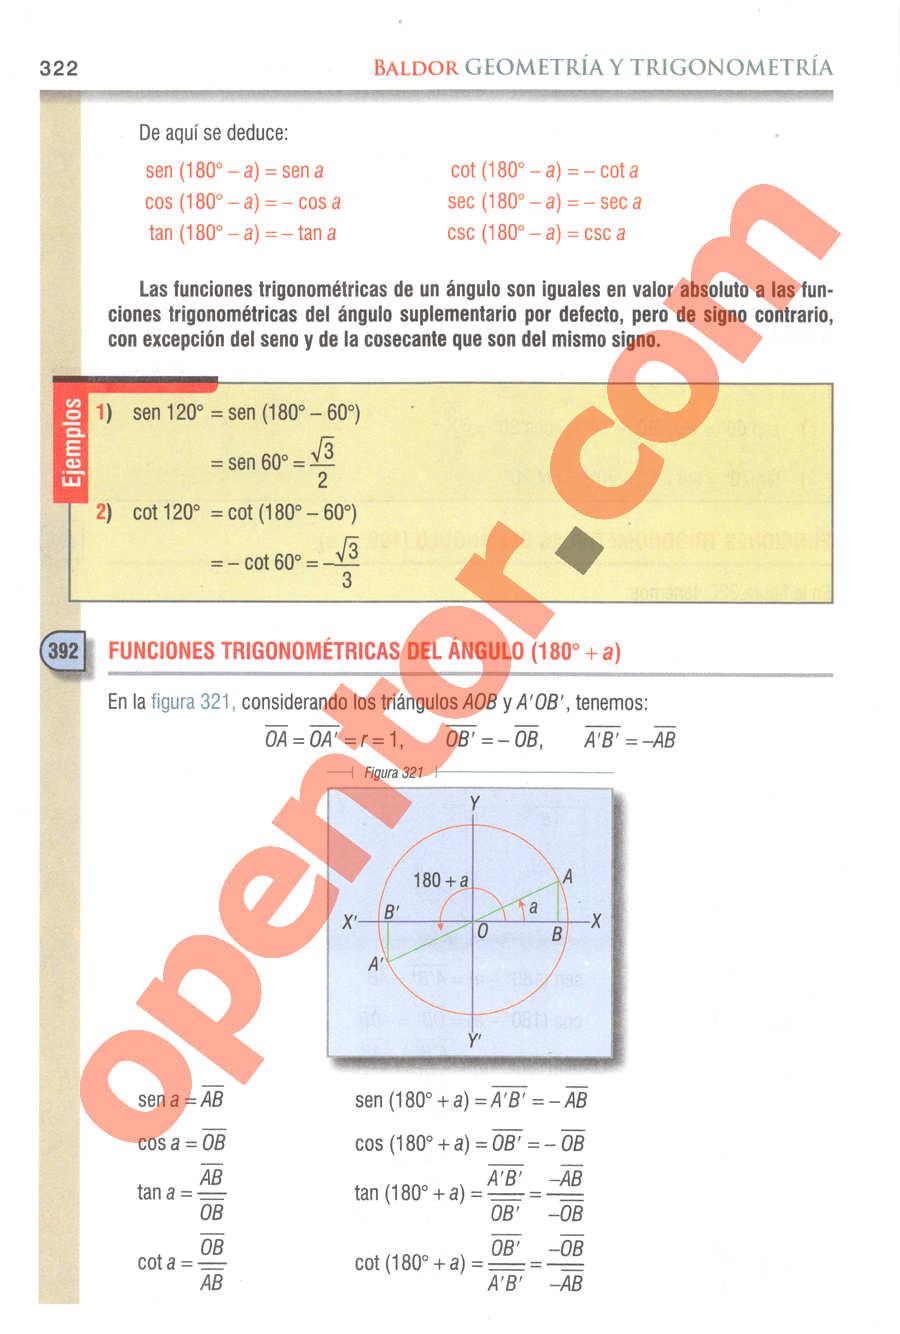 Geometría y Trigonometría de Baldor - Página 322